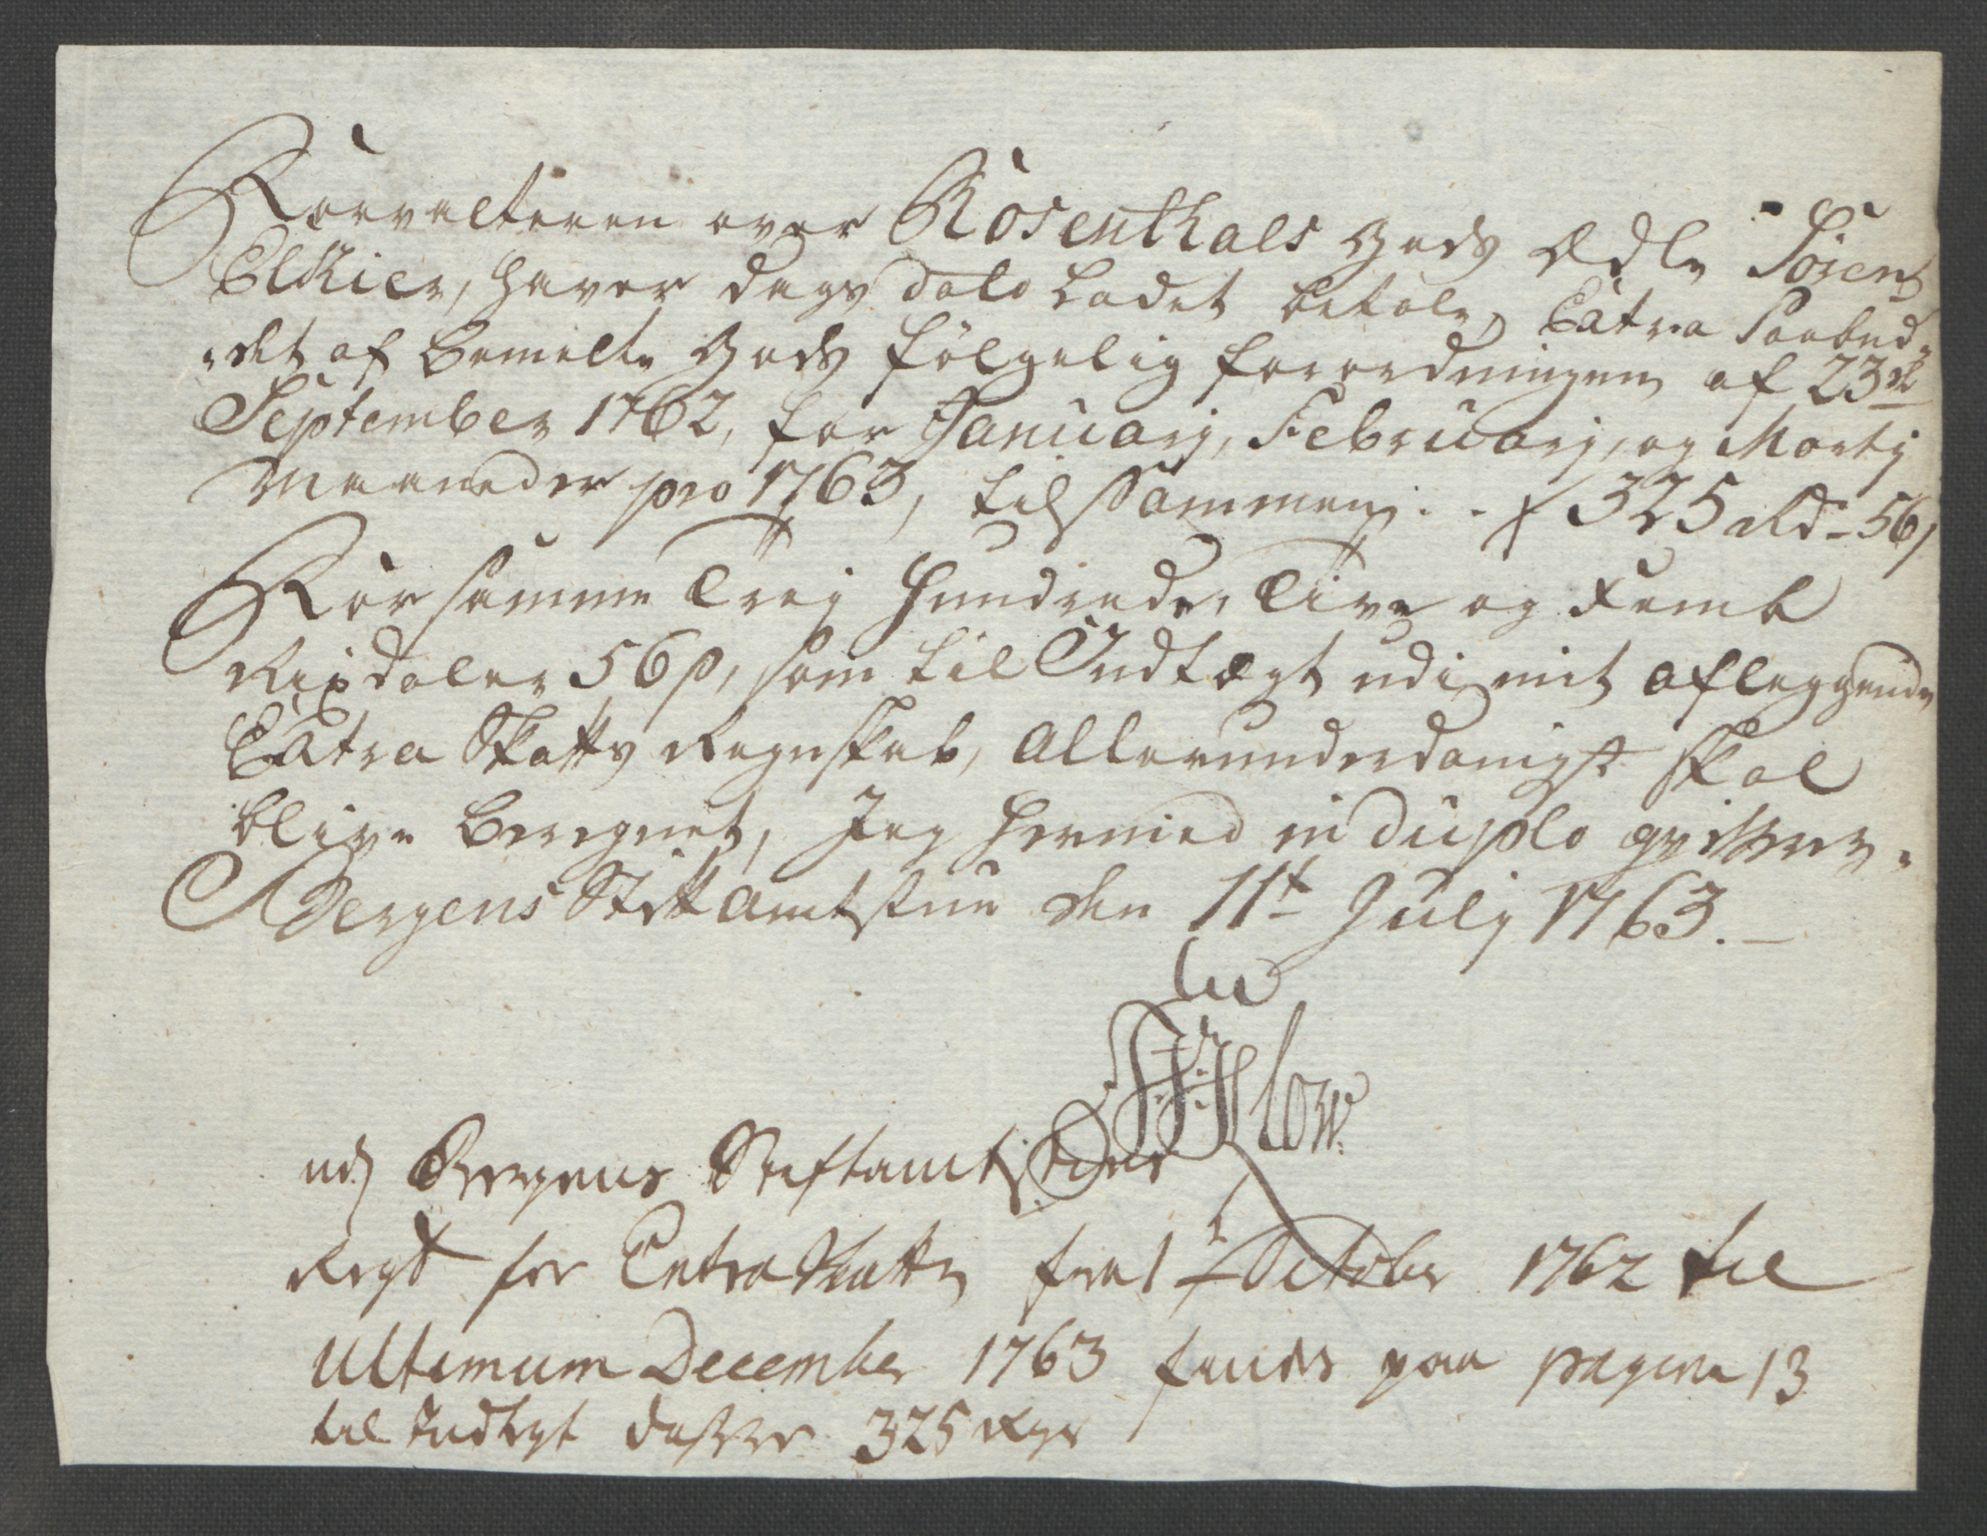 RA, Rentekammeret inntil 1814, Reviderte regnskaper, Fogderegnskap, R49/L3157: Ekstraskatten Rosendal Baroni, 1762-1772, s. 51